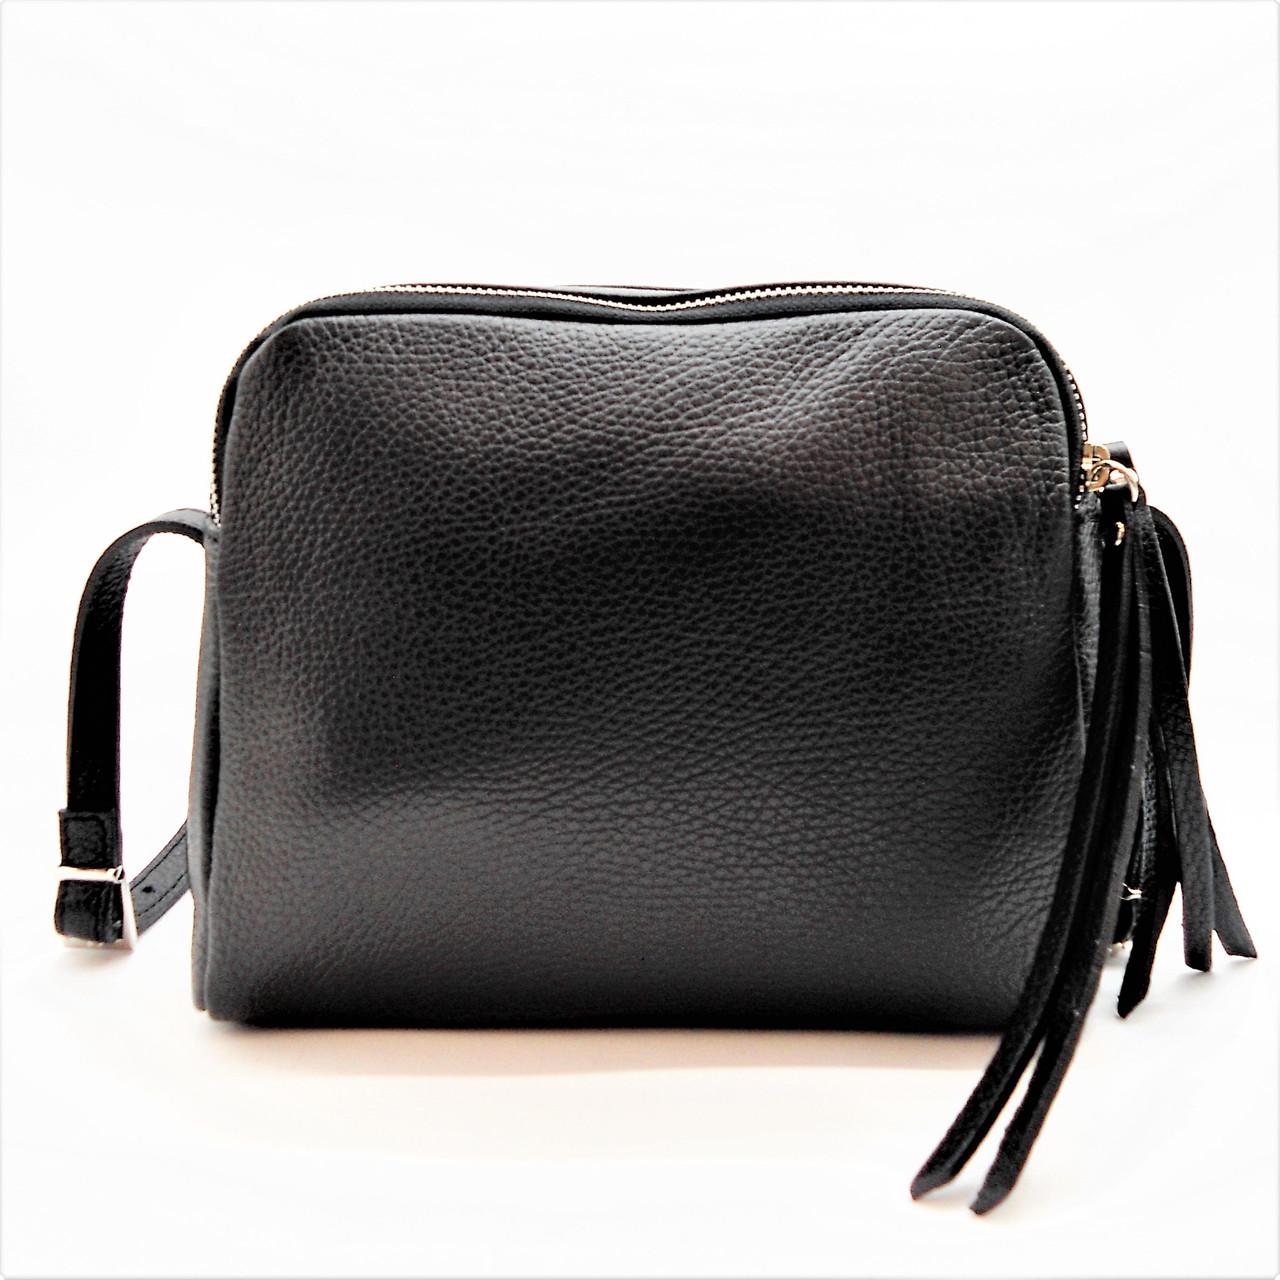 e01a6c1ad704 Женская кожаная сумочка в руку DBN-034080 Италия: купить недорого